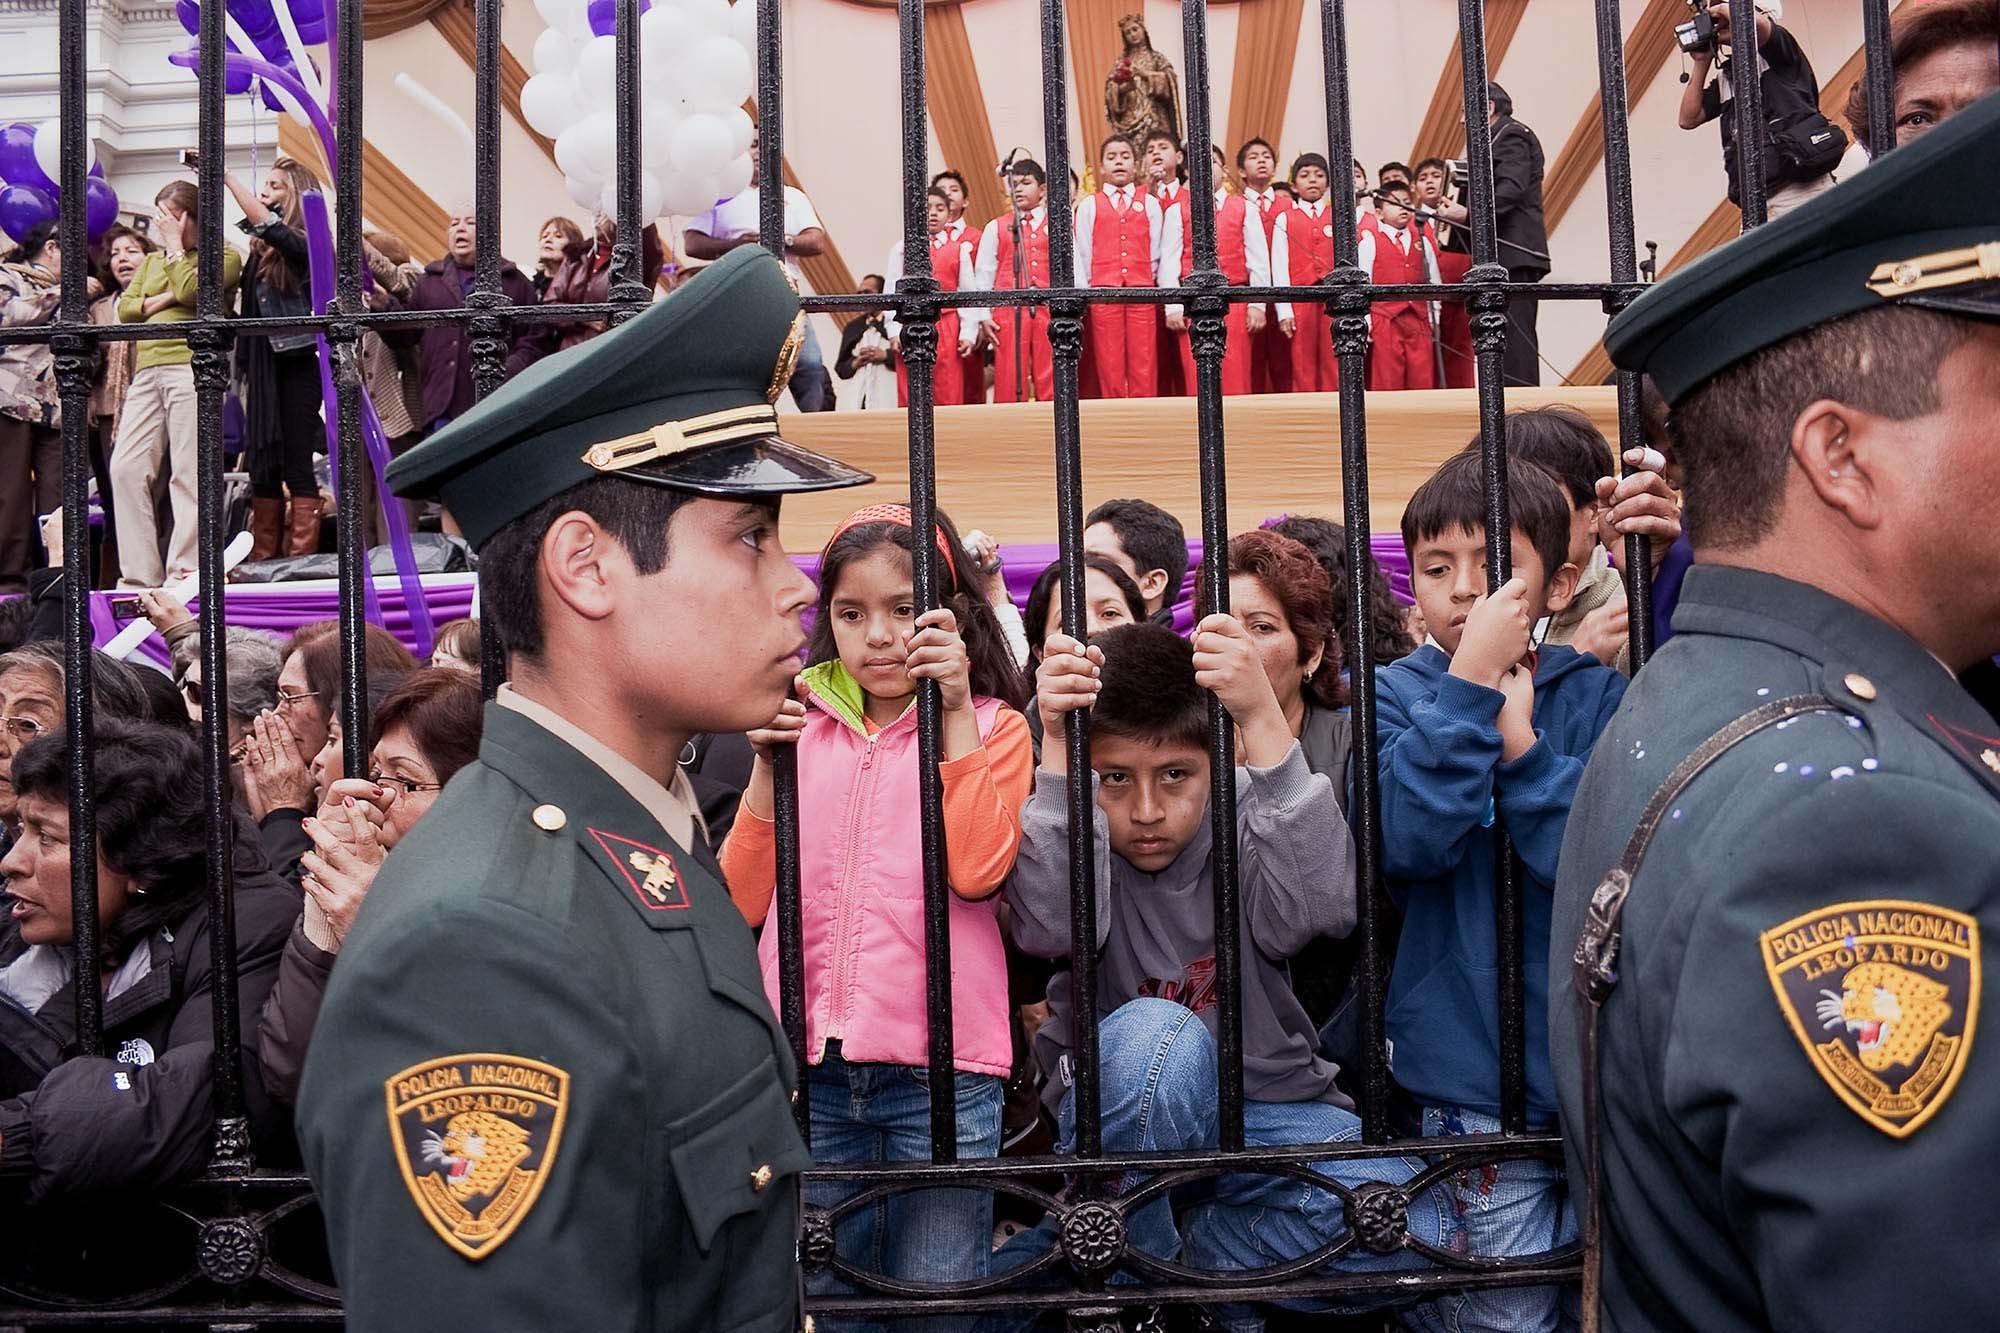 El coro de los niños en el Señor de los Milagros, Lima 2008